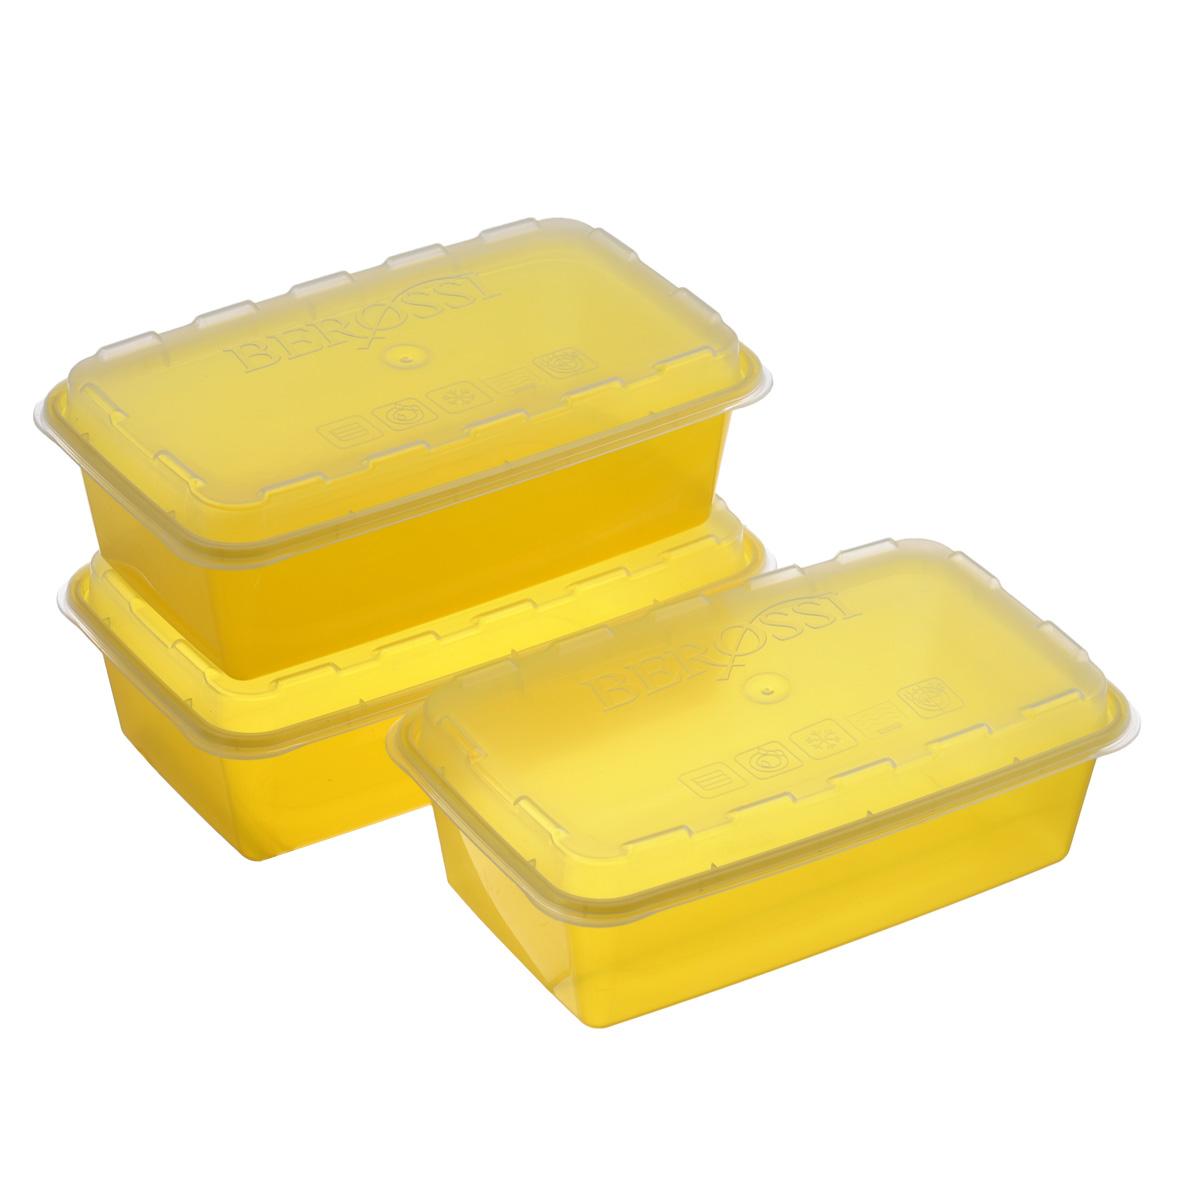 Набор контейнеров для СВЧ и заморозки Berossi Zip, цвет: желтый, 3 штИК17455Набор Berossi Zip, выполненный из высококачественного пищевого прозрачного пластика, состоит из трех контейнеров. Изделия предназначены для хранения и транспортировки пищи. Крышки легко открываются и плотно закрываются с помощью легкого щелчка. Контейнеры удобно складываются друг в друга, что экономит пространство при хранении в шкафу. Подходят для использования в микроволновой печи без крышки (до +120°С), для заморозки при минимальной температуре -20°С. Можно мыть в посудомоечной машине.